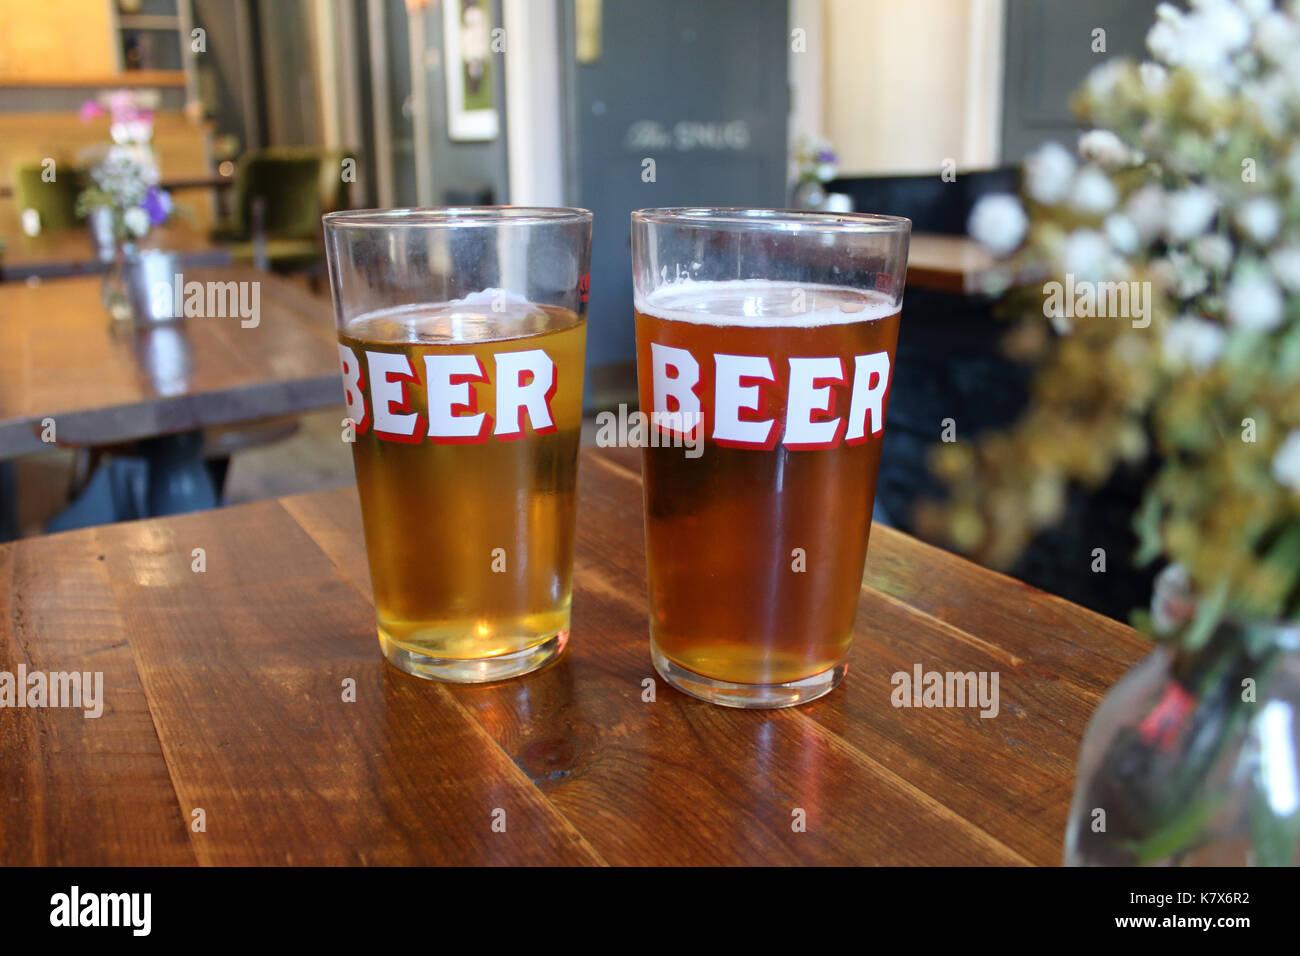 """Zwei pints in """"Bier"""" Gläser in einem Pub. seichte Fokus auf Gläsern. London, UK. Stockfoto"""